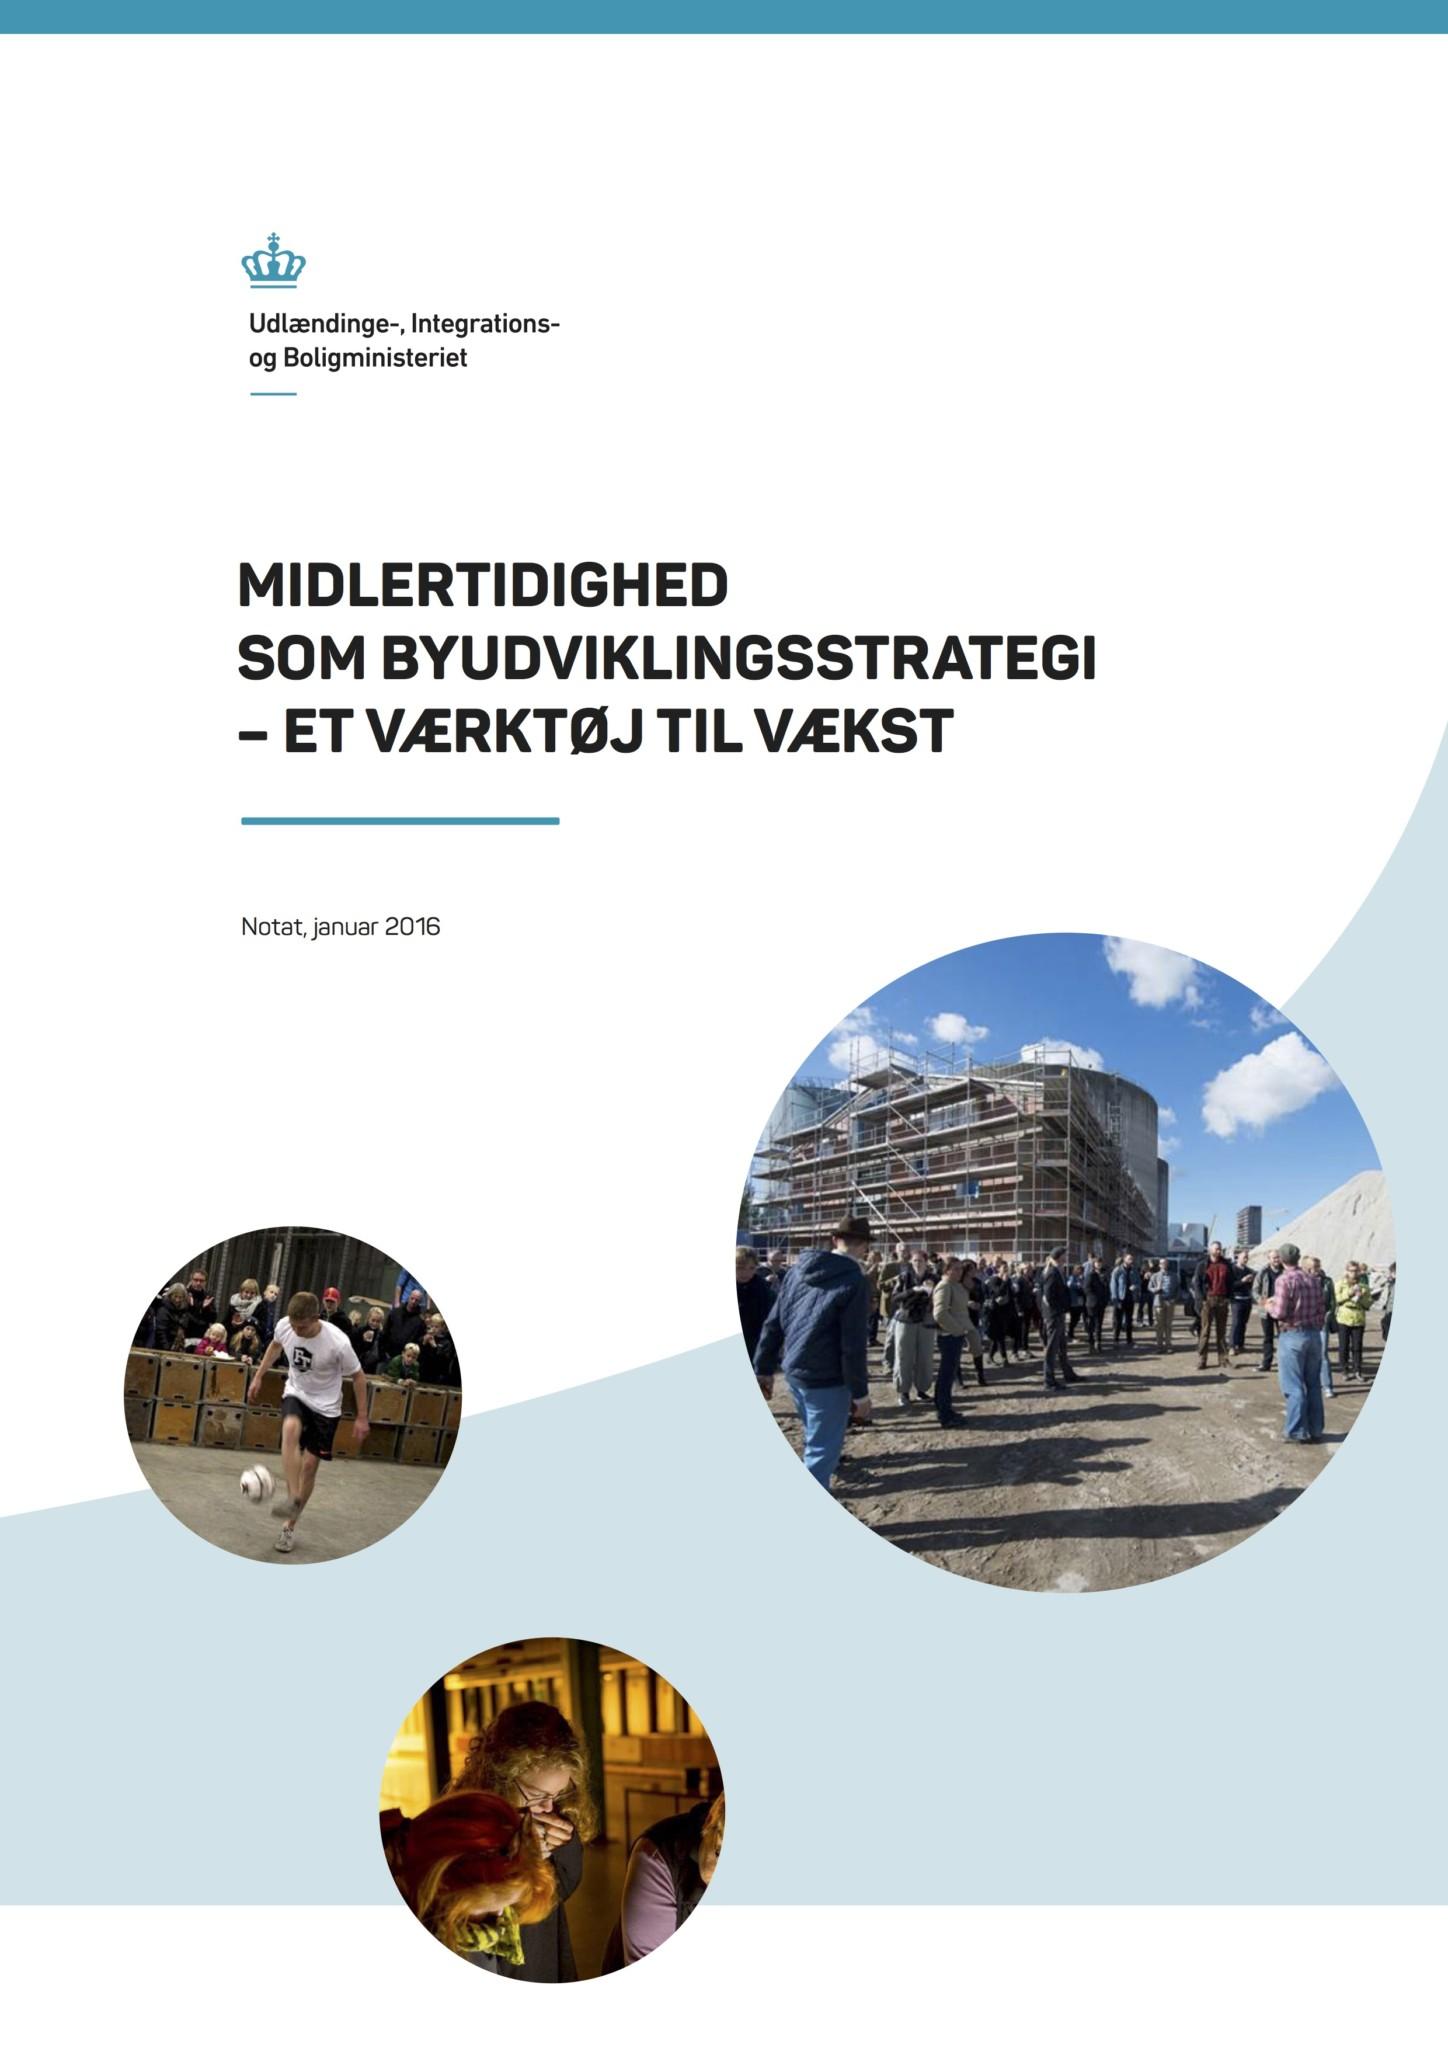 Midlertidighed som byudviklingsstrategi